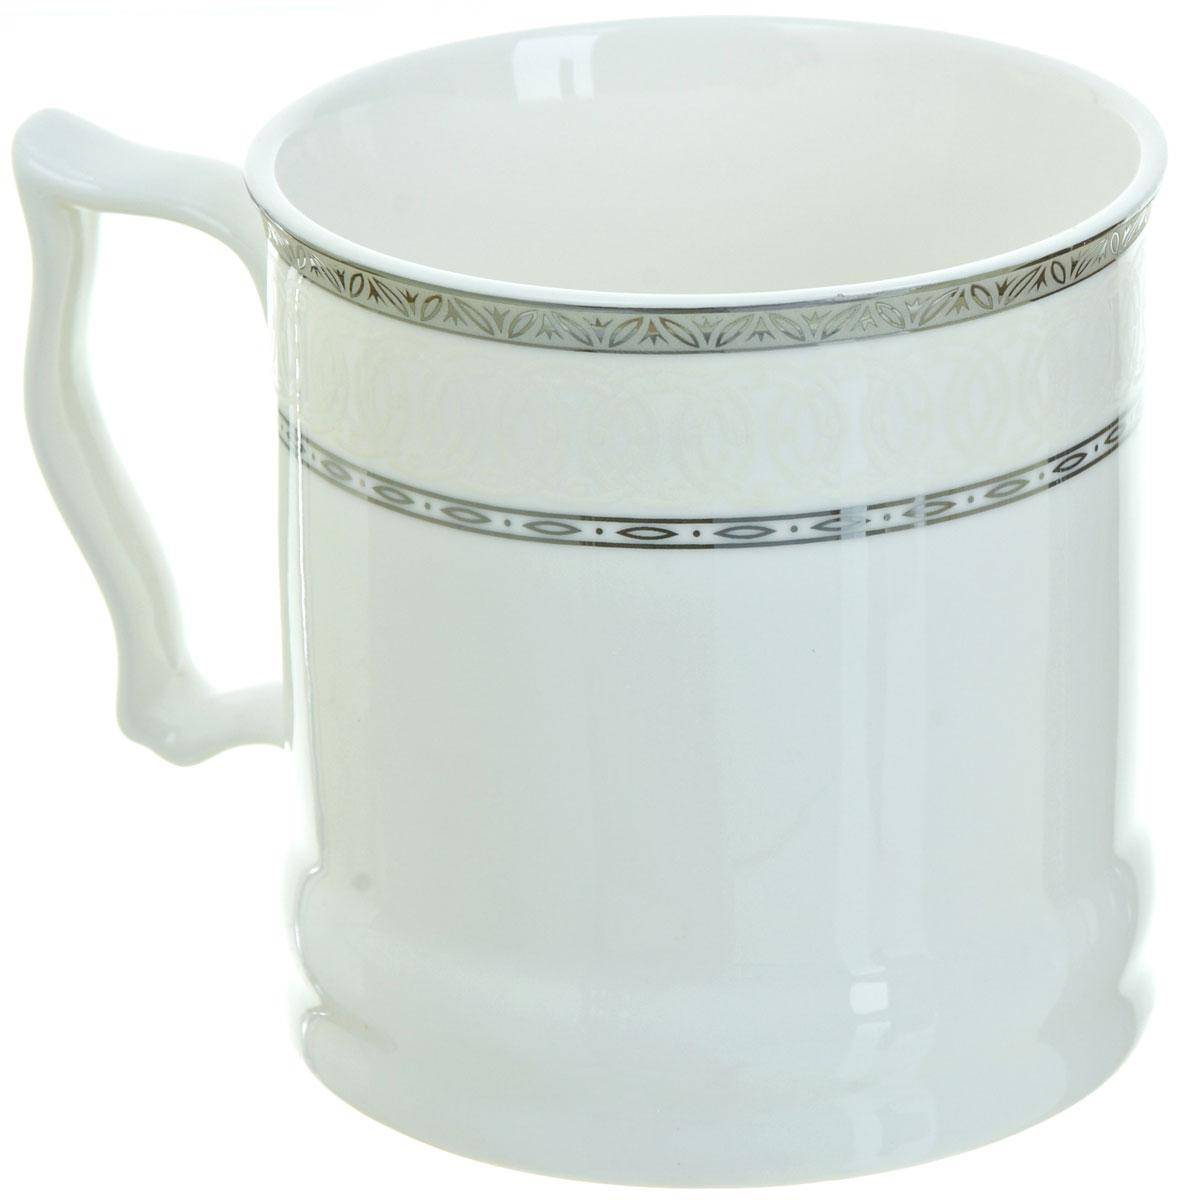 Кружка BHP Королевская кружка, 500 мл. M1870006M1870006Оригинальная кружка Best Home Porcelain, выполненная из высококачественного фарфора, сочетает в себе простой, утонченный дизайн с максимальной функциональностью. Можно использовать в посудомоечной машине.